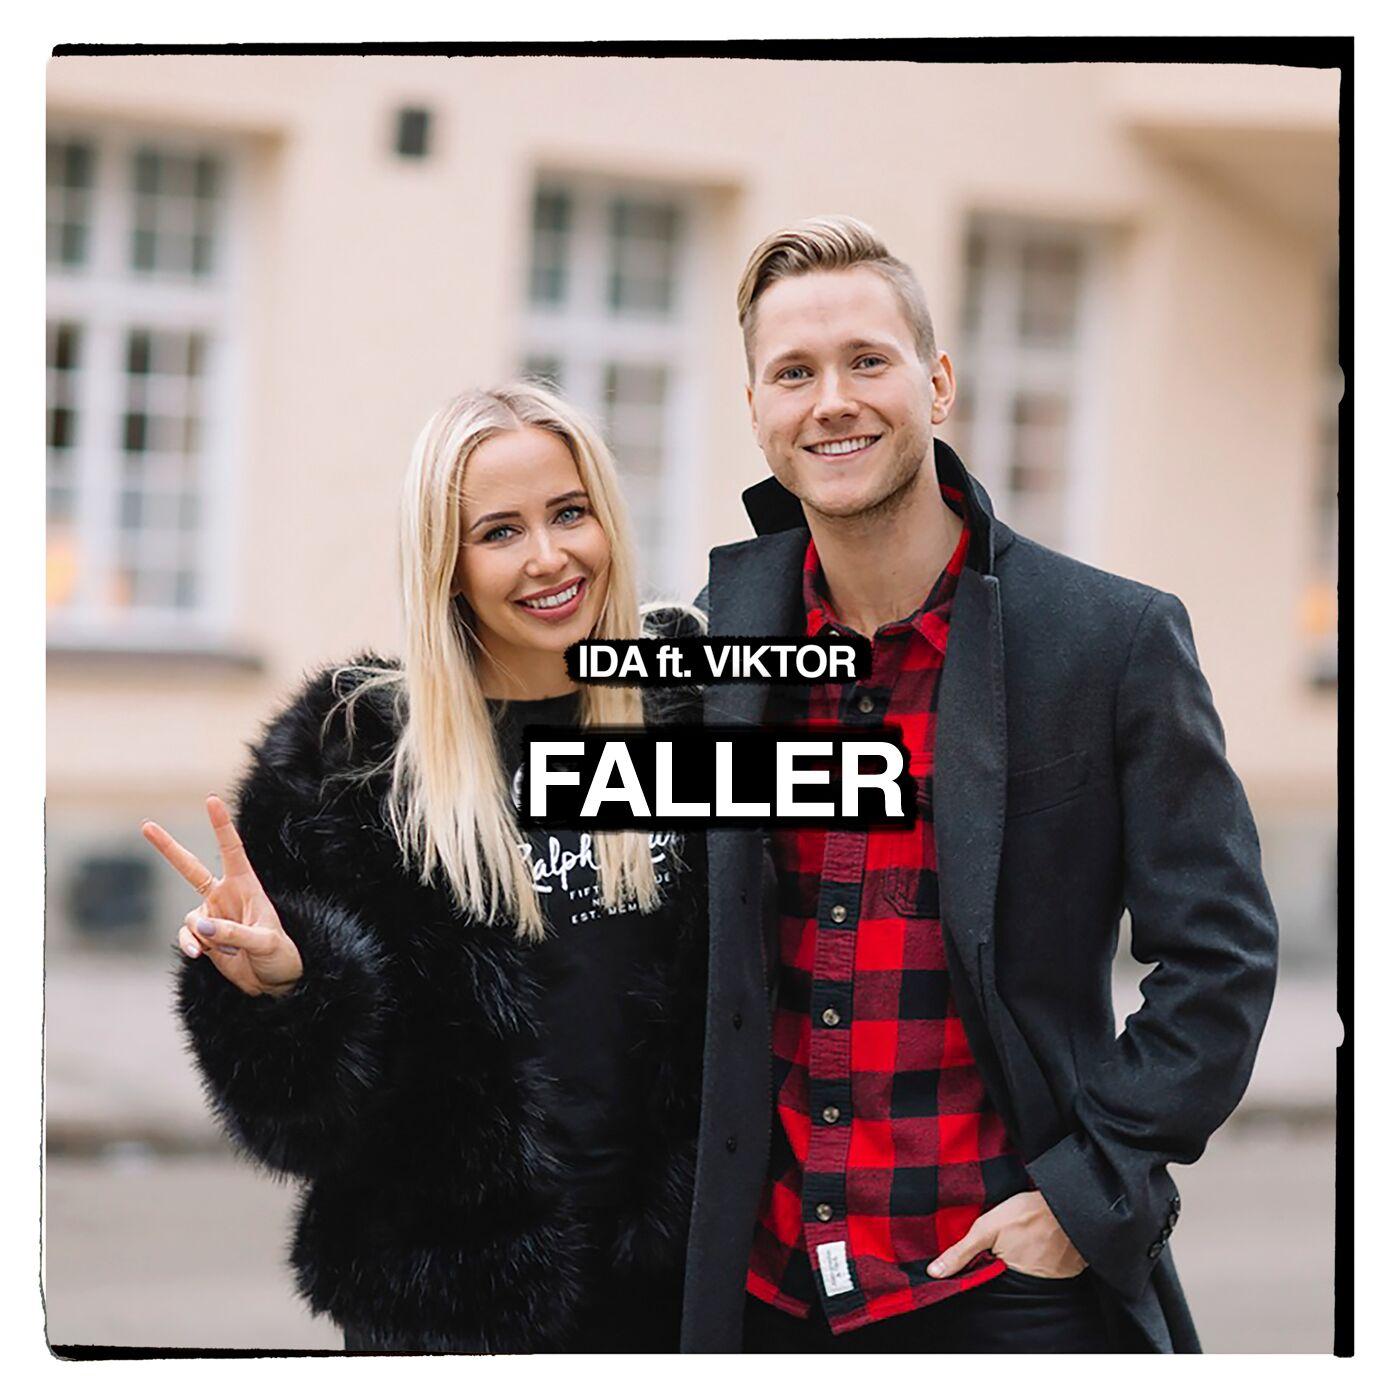 faller-ida-warg-viktor-frisk